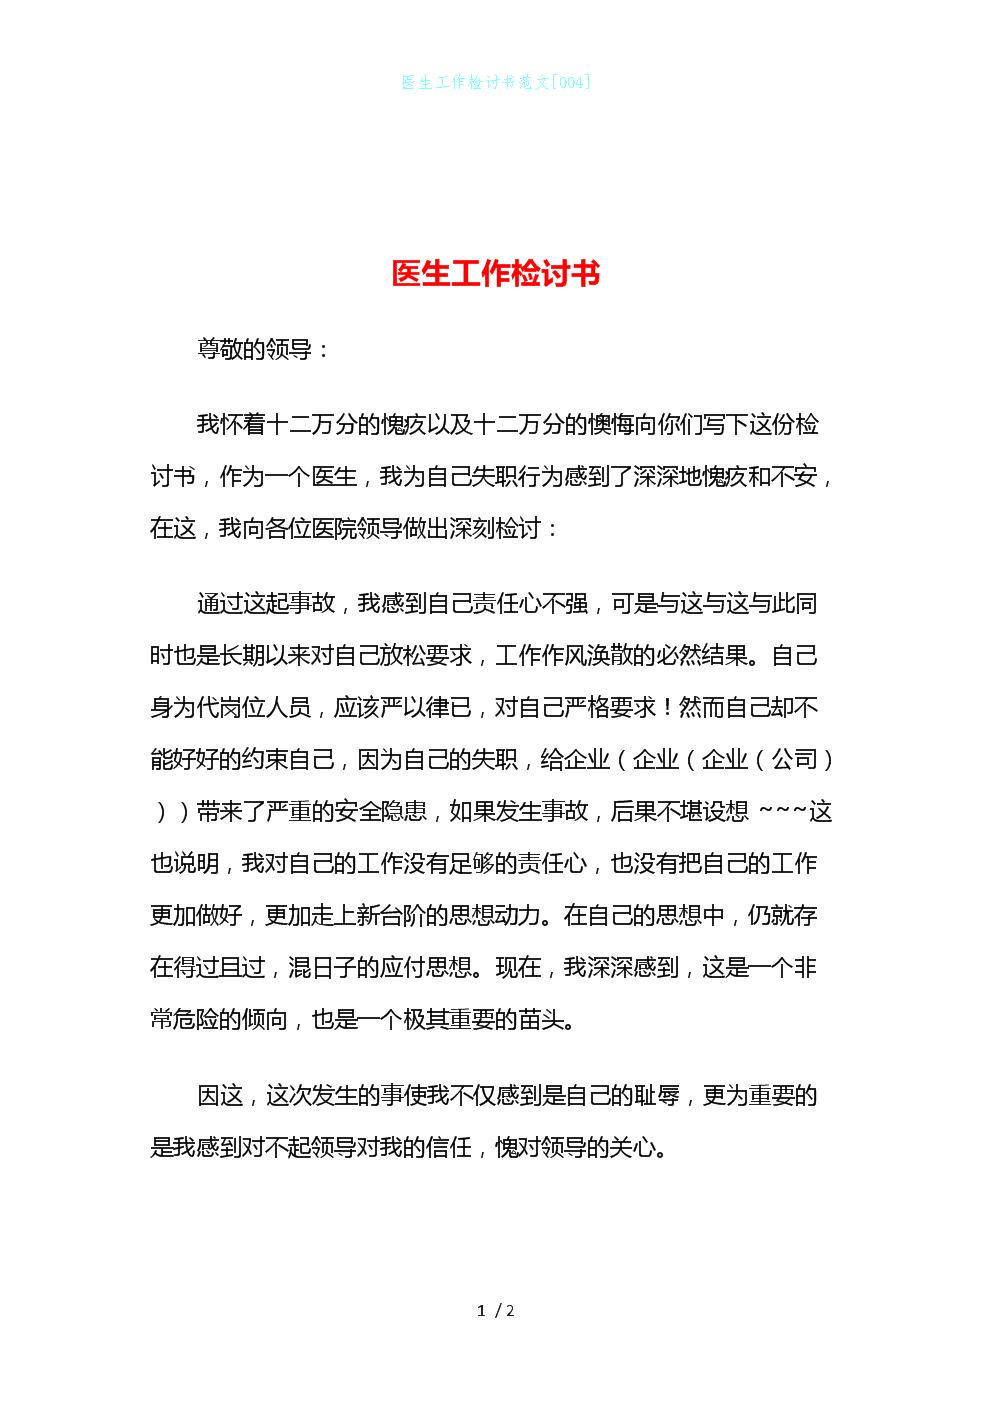 医生工作检讨书范文[004].doc